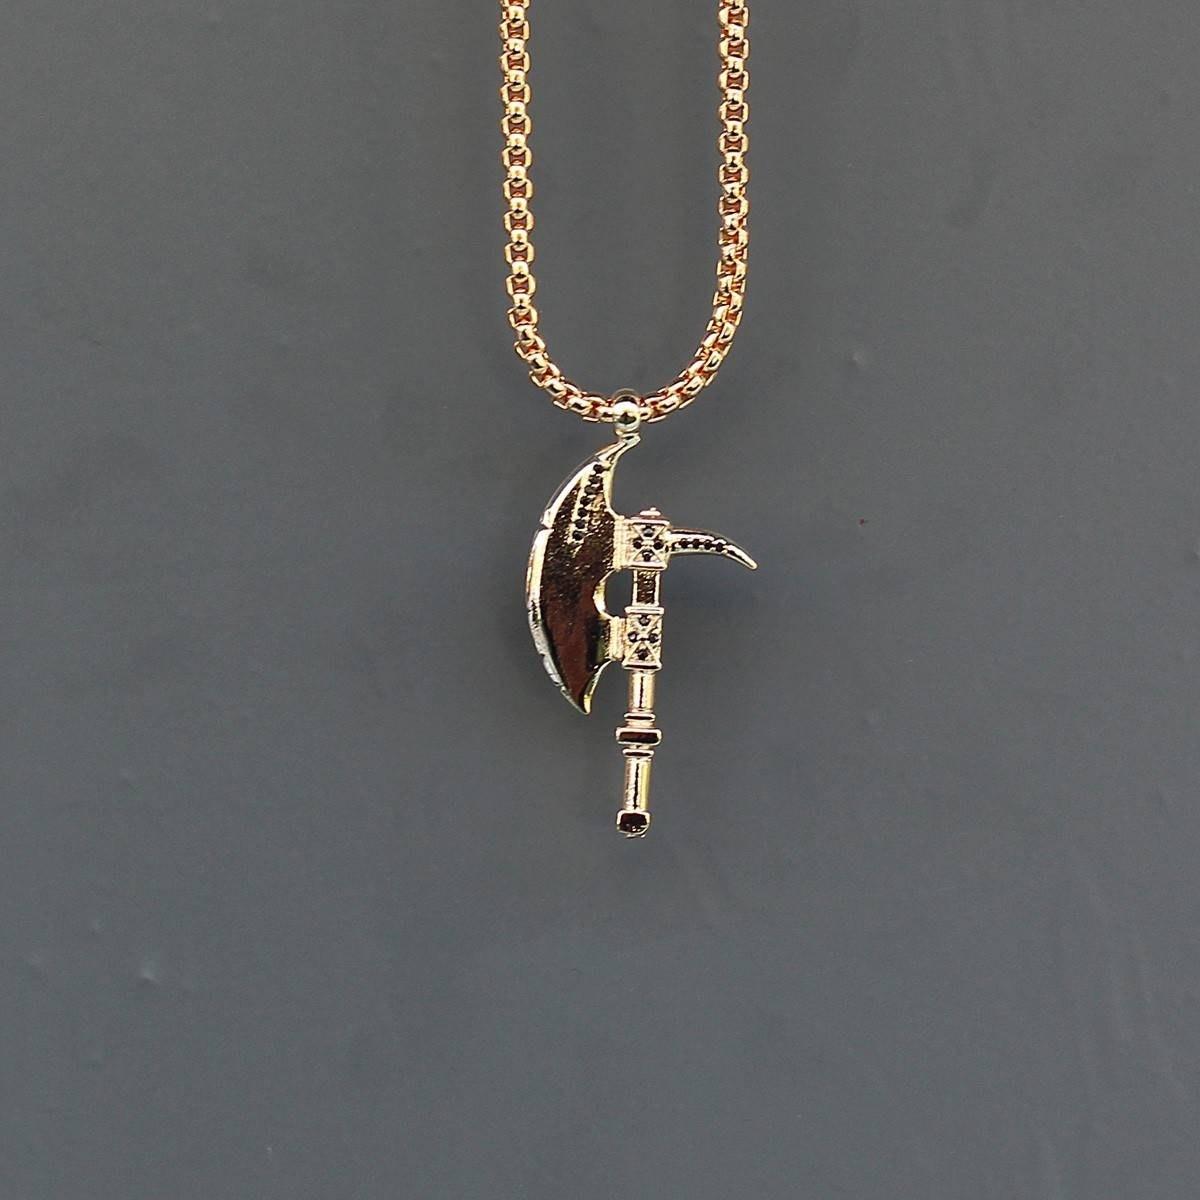 Men's Axe Necklace Gold